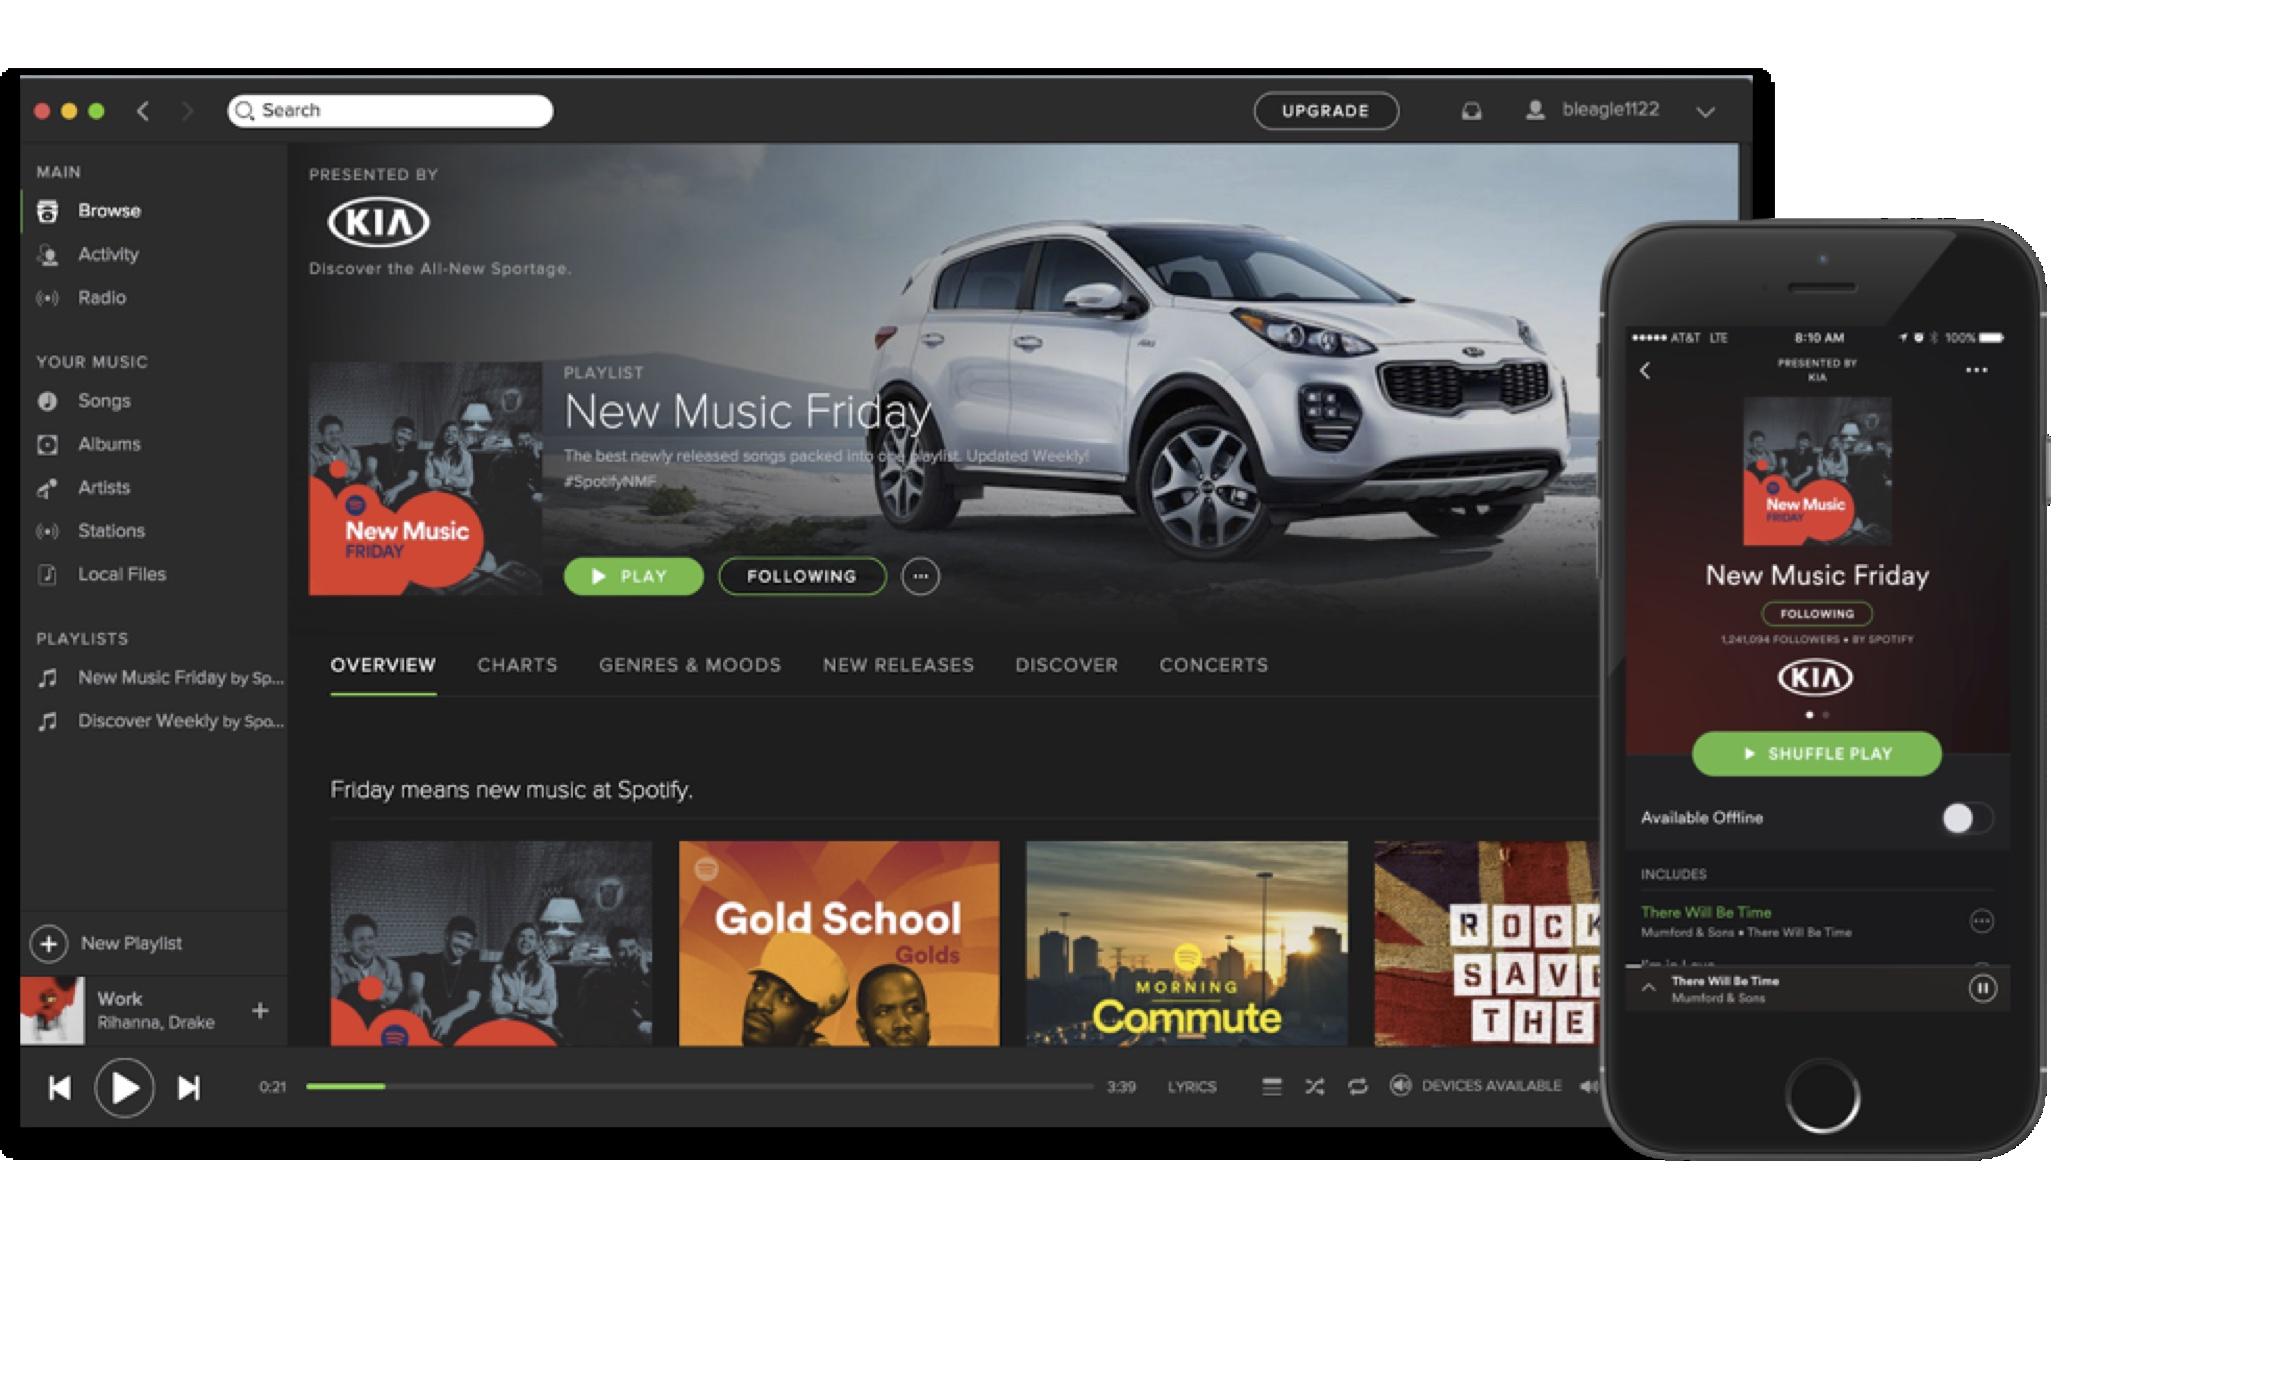 spotify_sponsored_playlist1.jpg